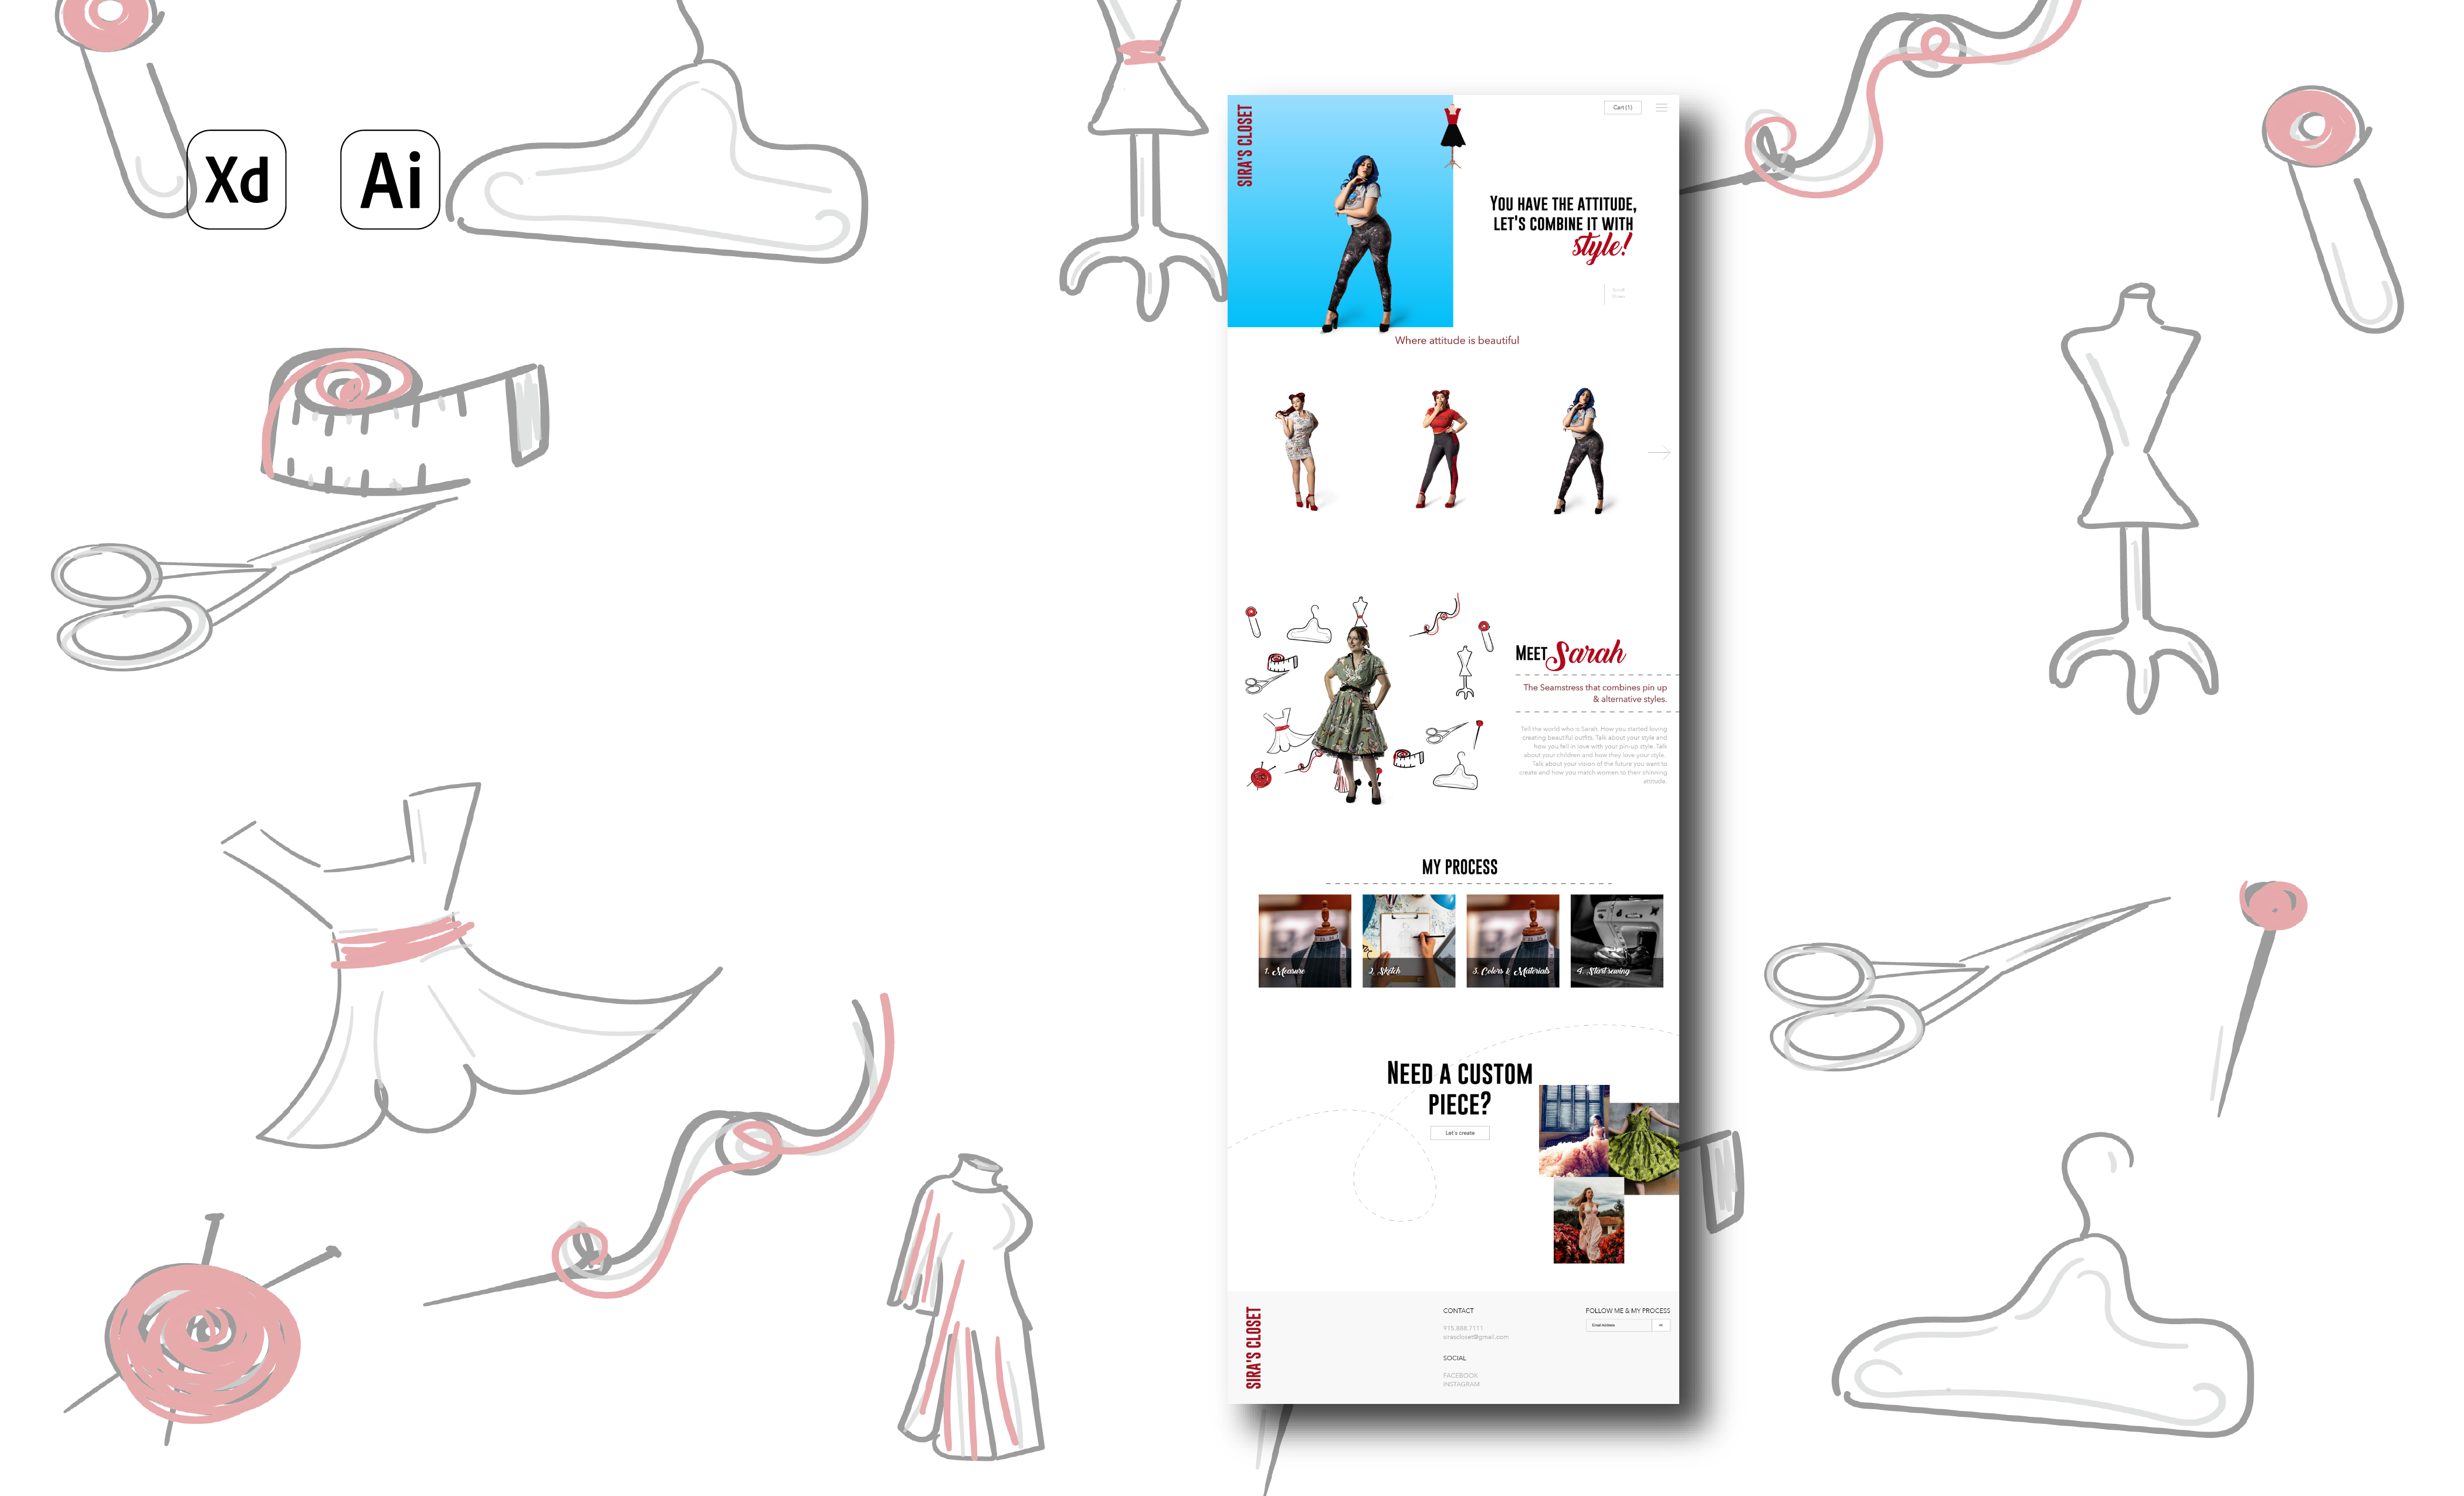 Shop industry website created by Bee Hexa